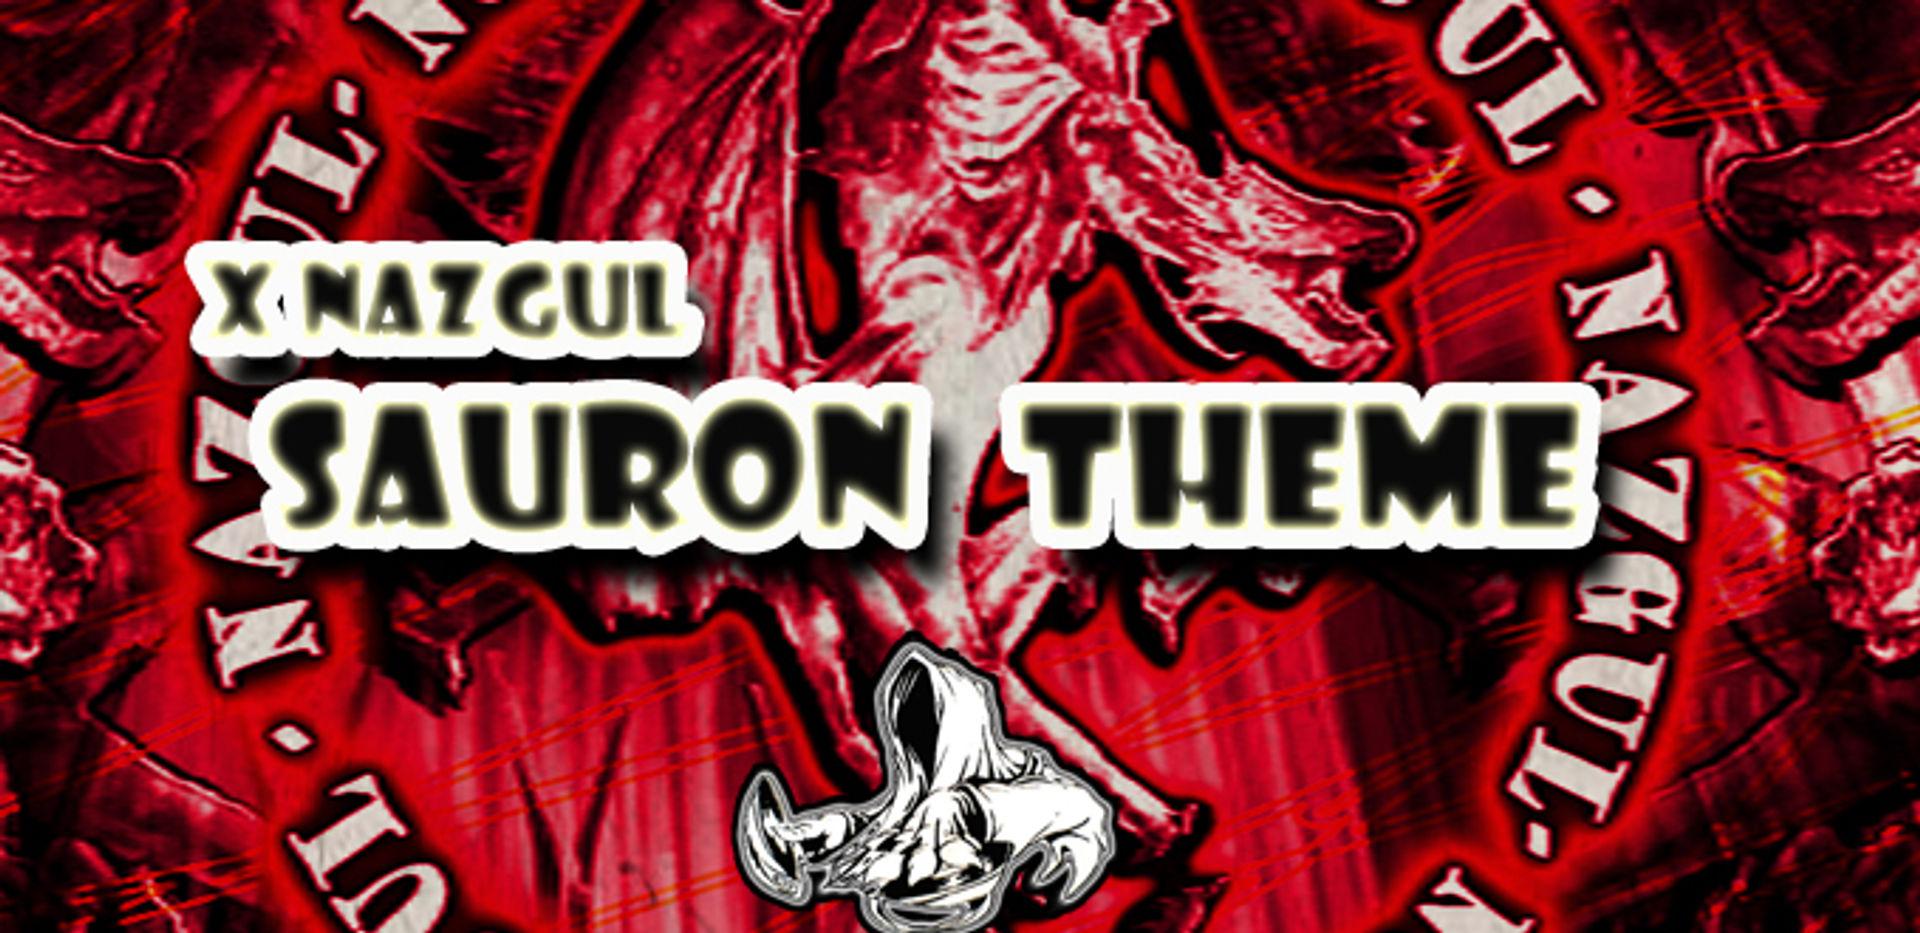 XNazgul - Sauron Theme